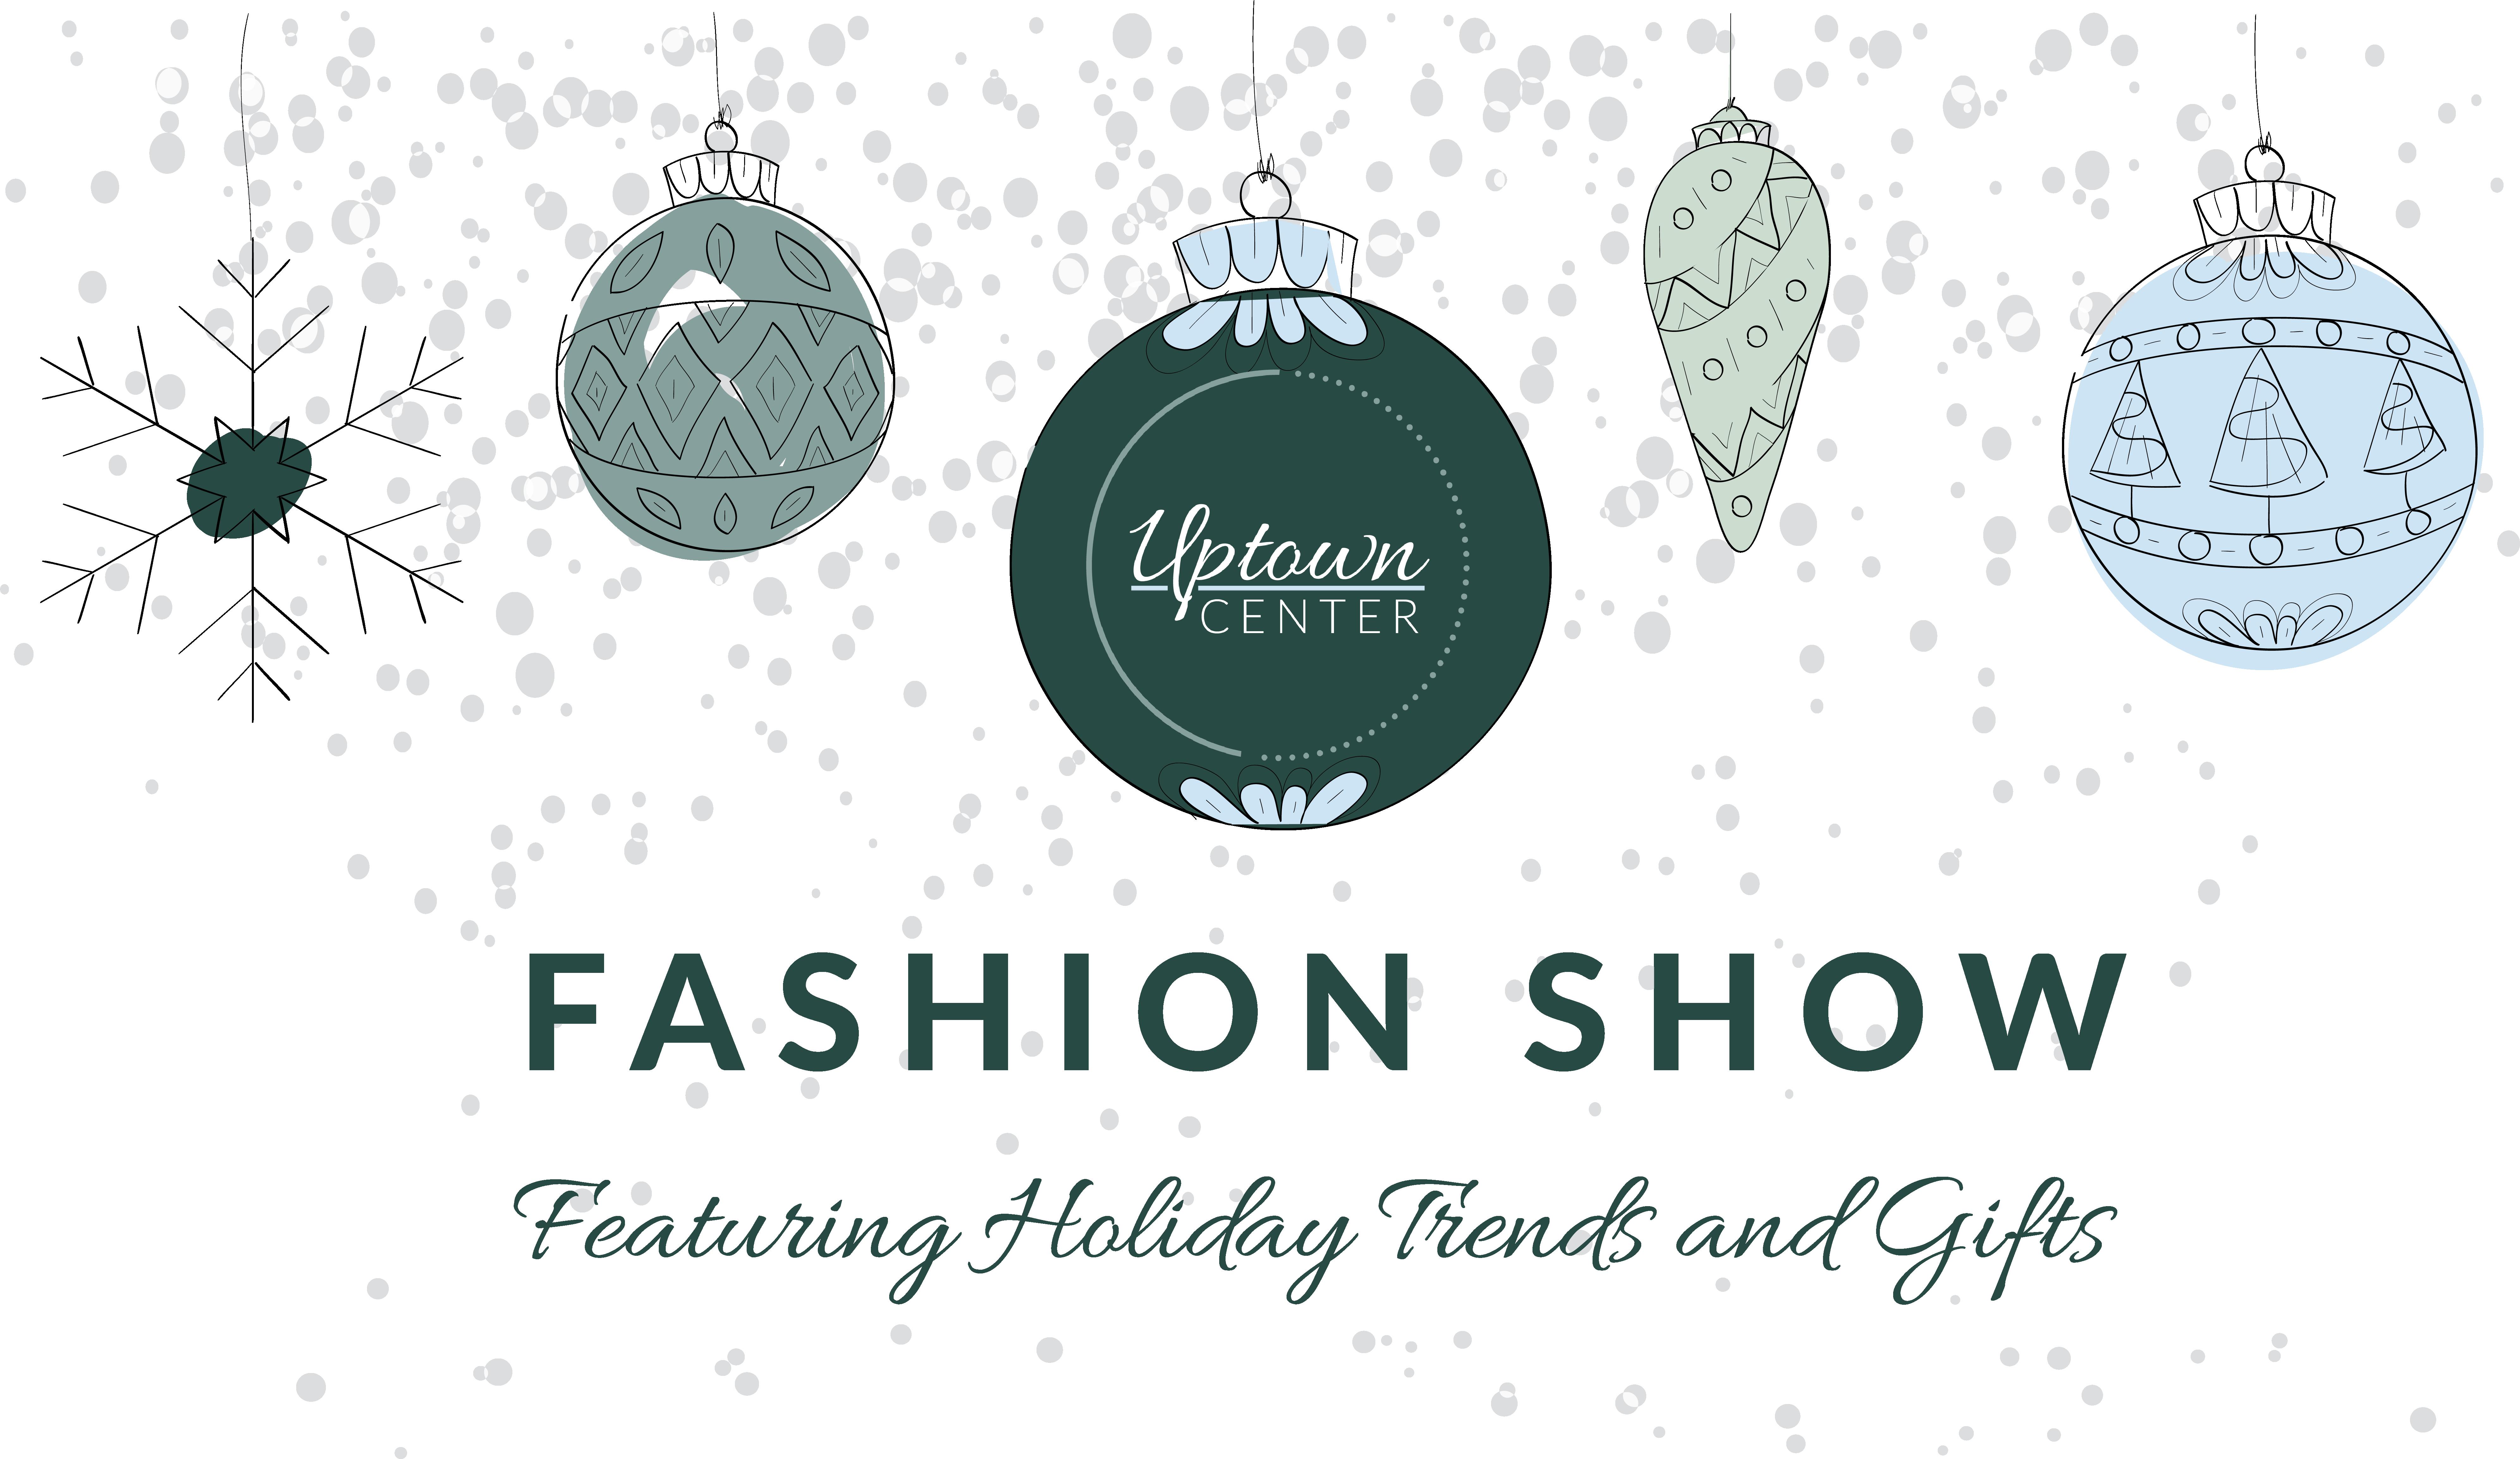 Uptown Center Fashion Show